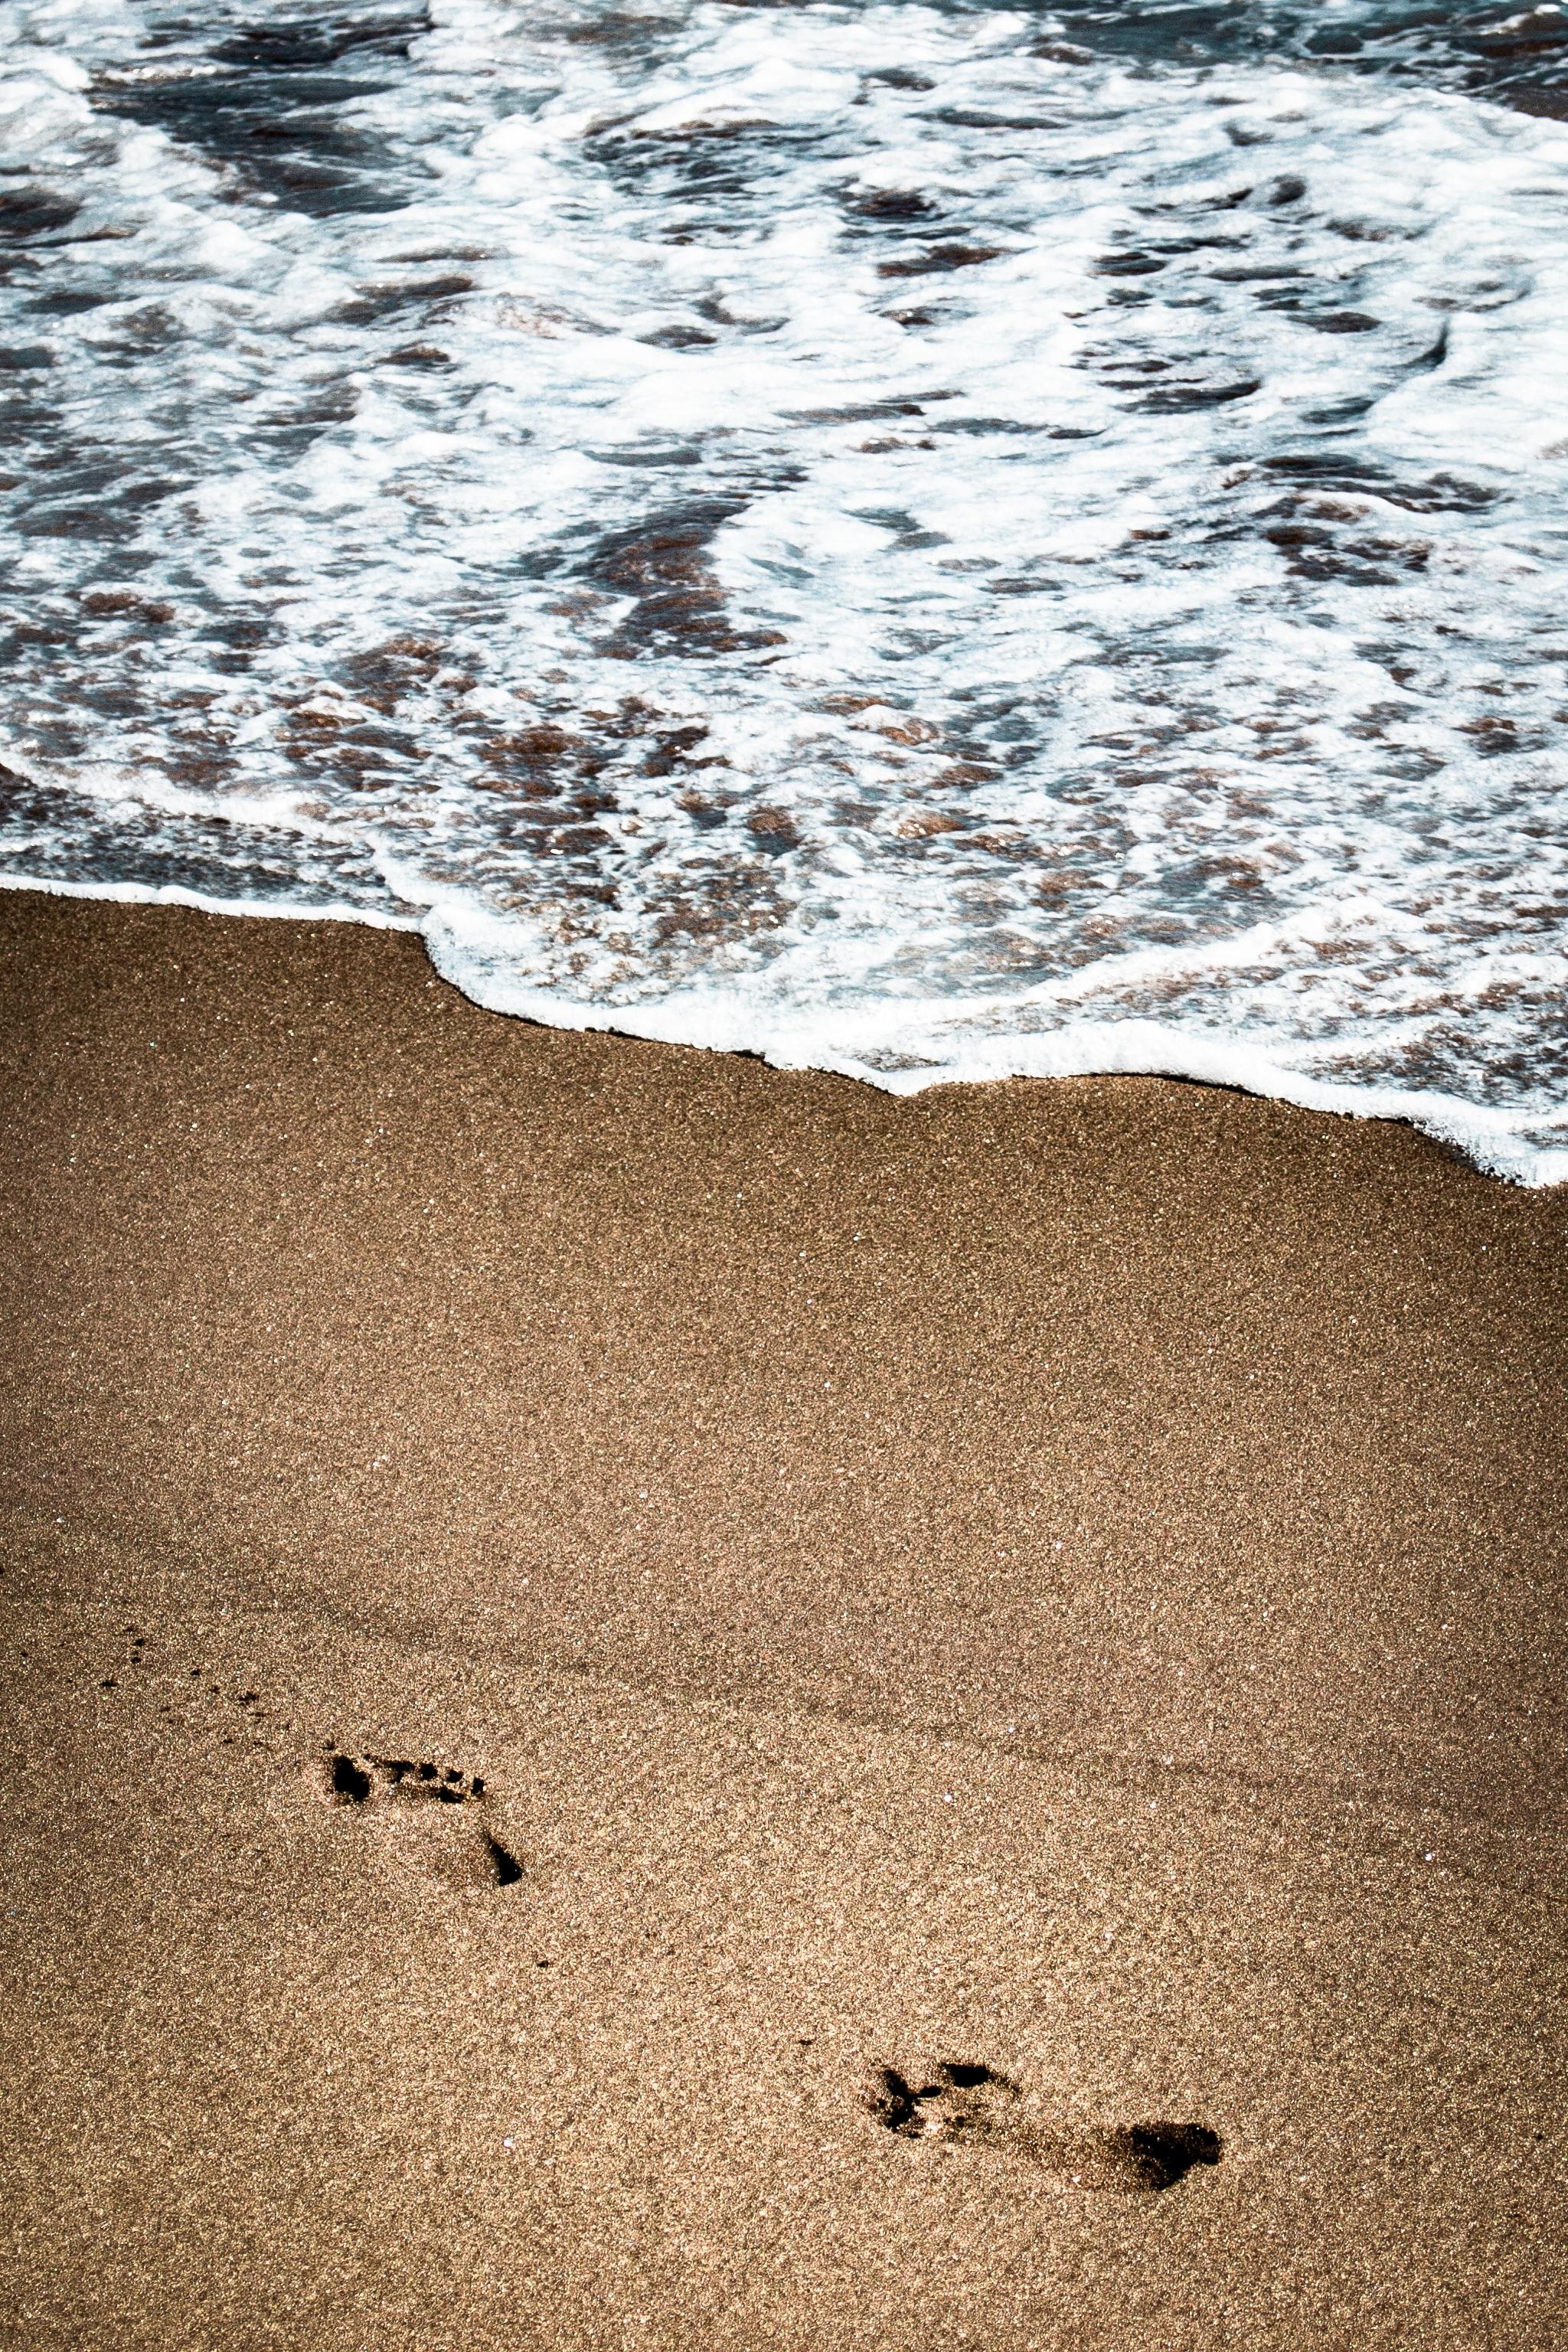 134366壁紙のダウンロード自然, トレース, ビーチ, 海岸, サンド, 海-スクリーンセーバーと写真を無料で